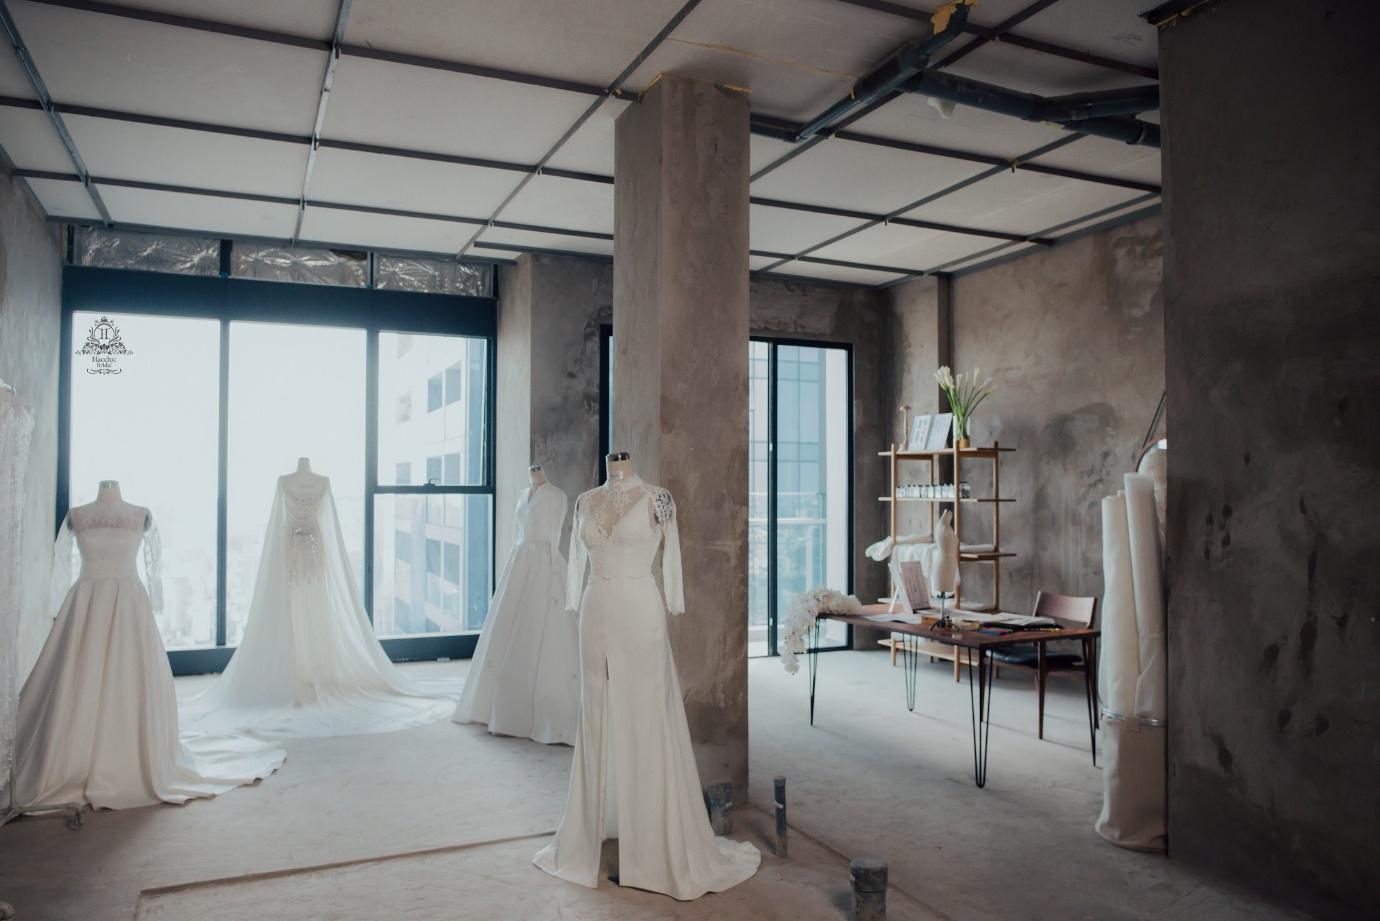 Váy cưới chính thức của Lan Khuê trị giá tới 500 triệu đồng đã được tiết lộ - Ảnh 9.